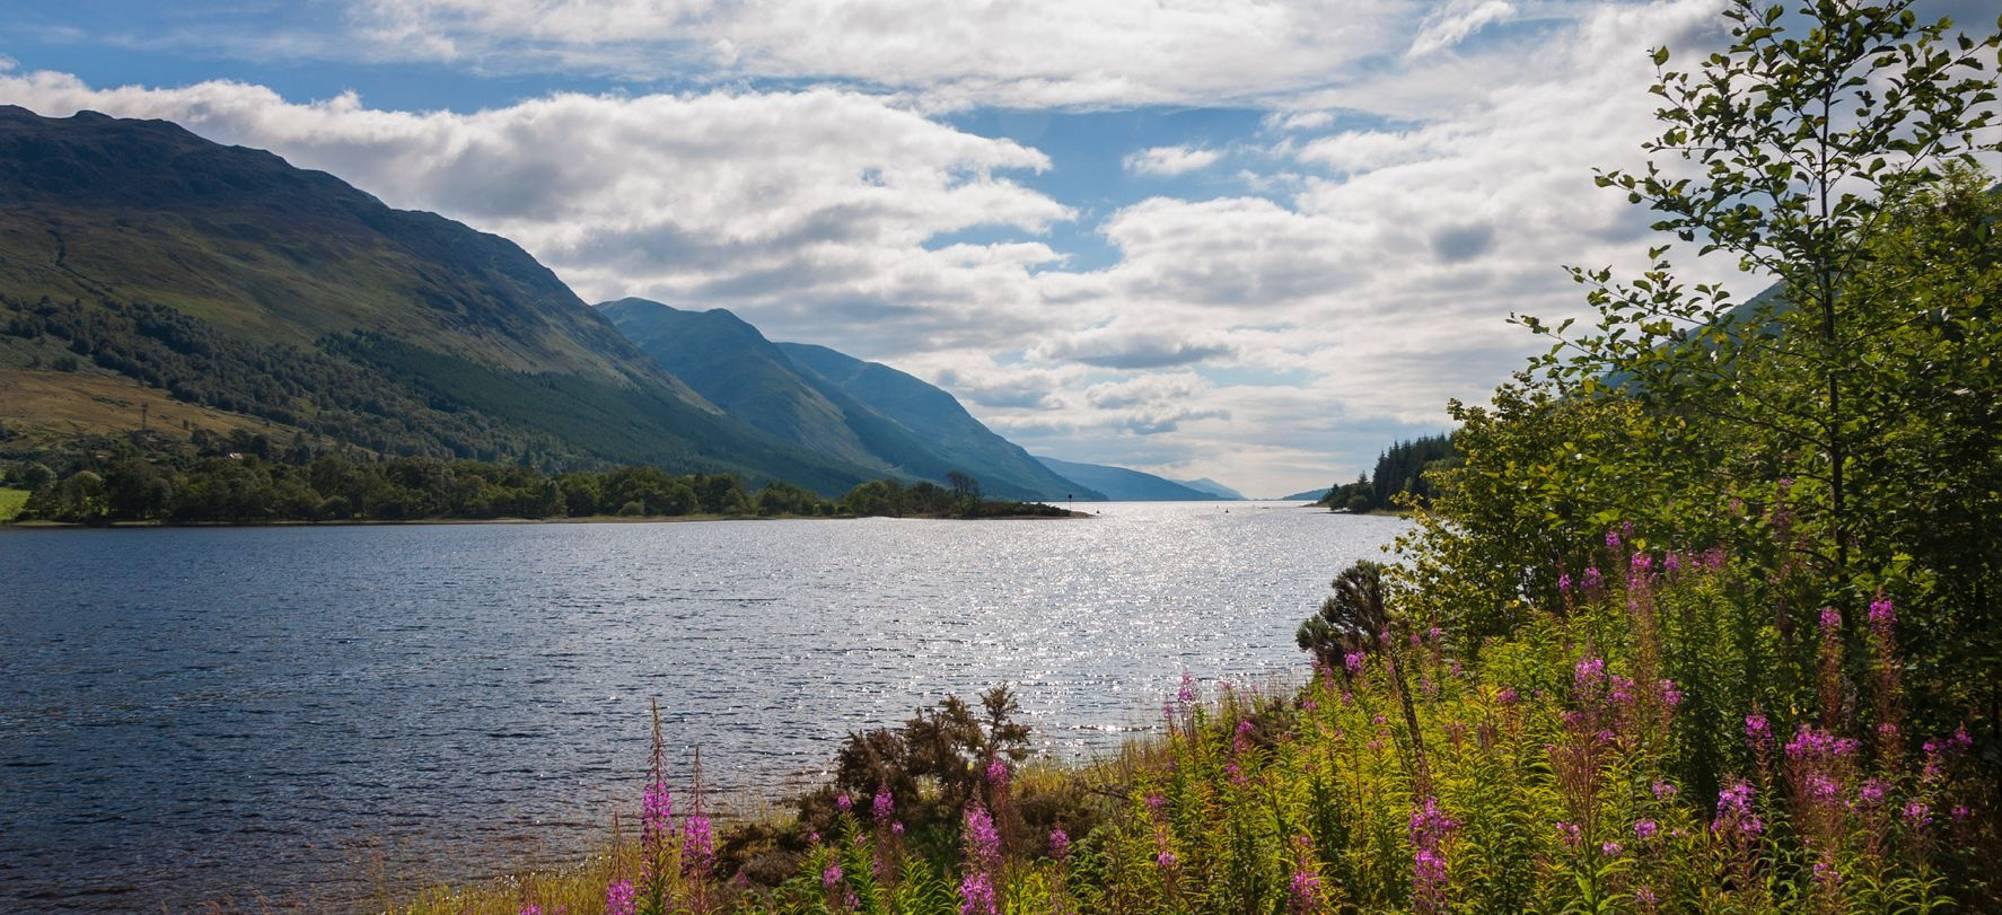 Invergordon   Loch Ness   Itinerary Desktop